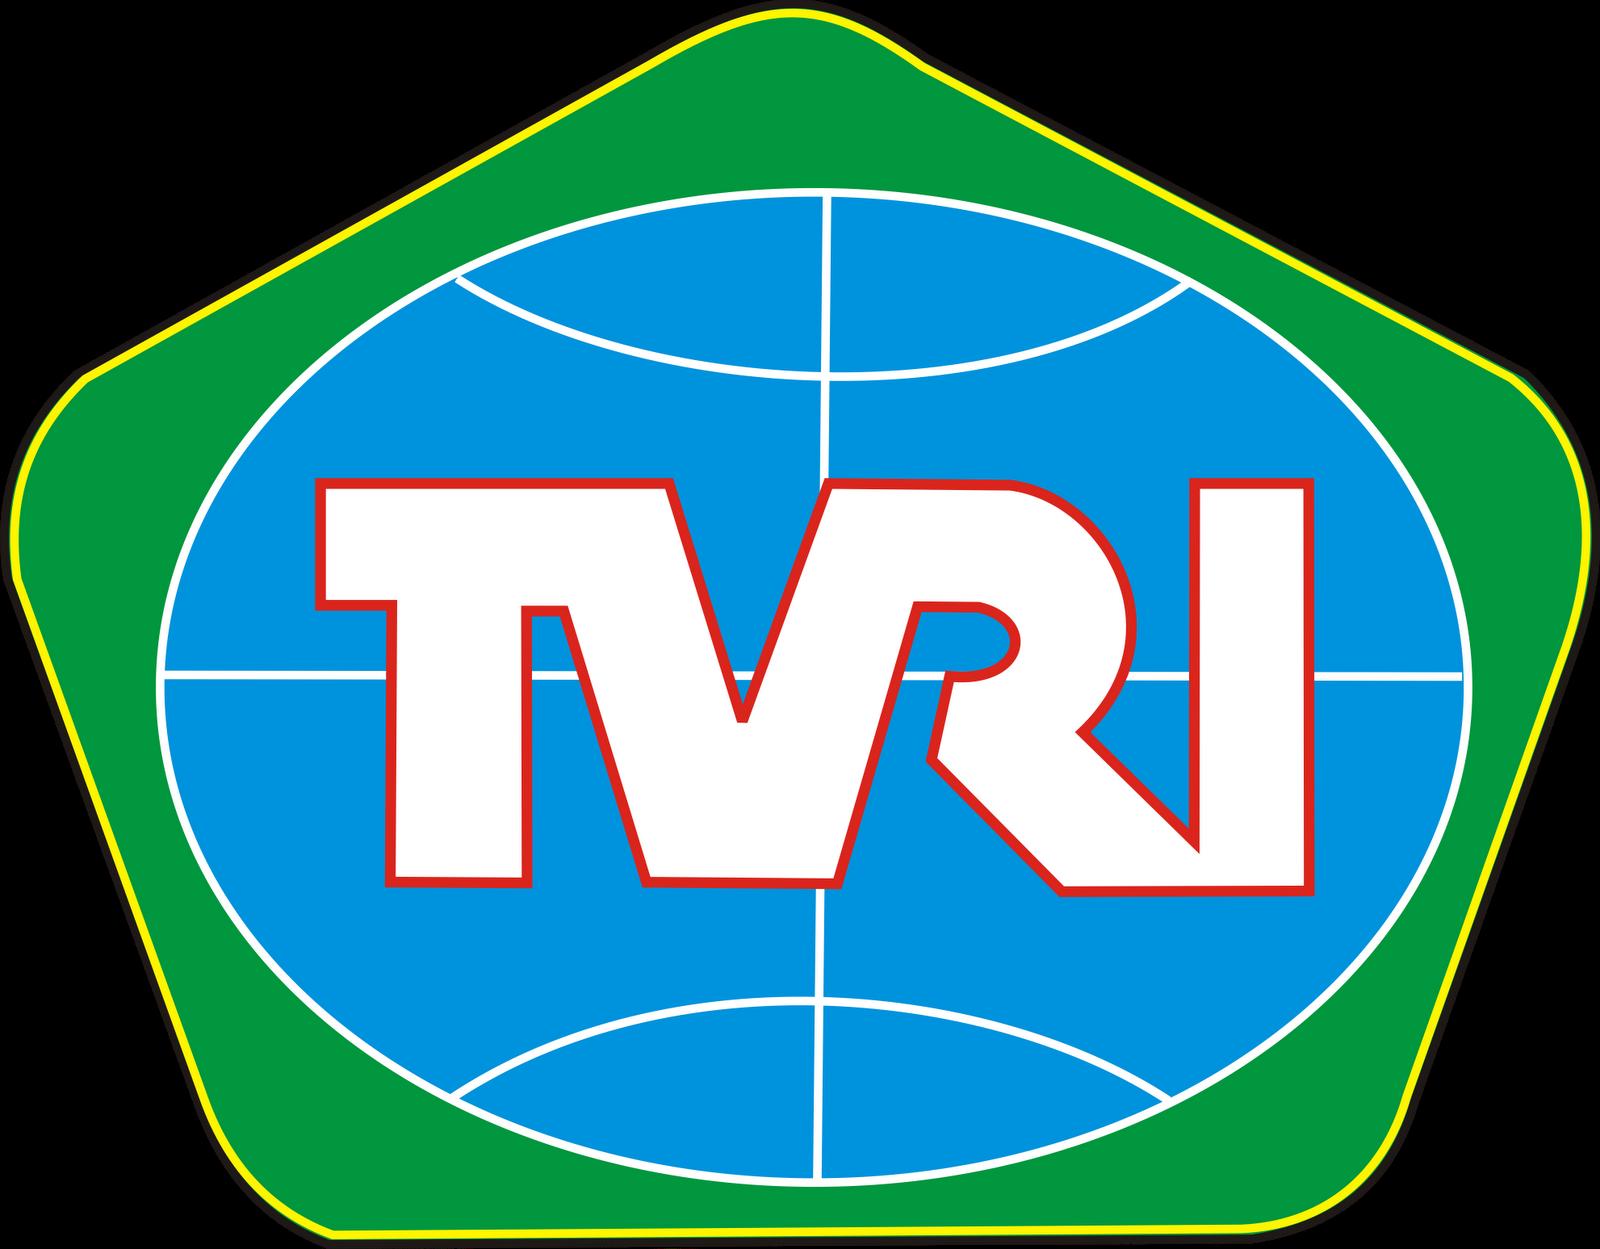 Logo TVRI dari Masa ke Masa - Kumpulan Logo Indonesia